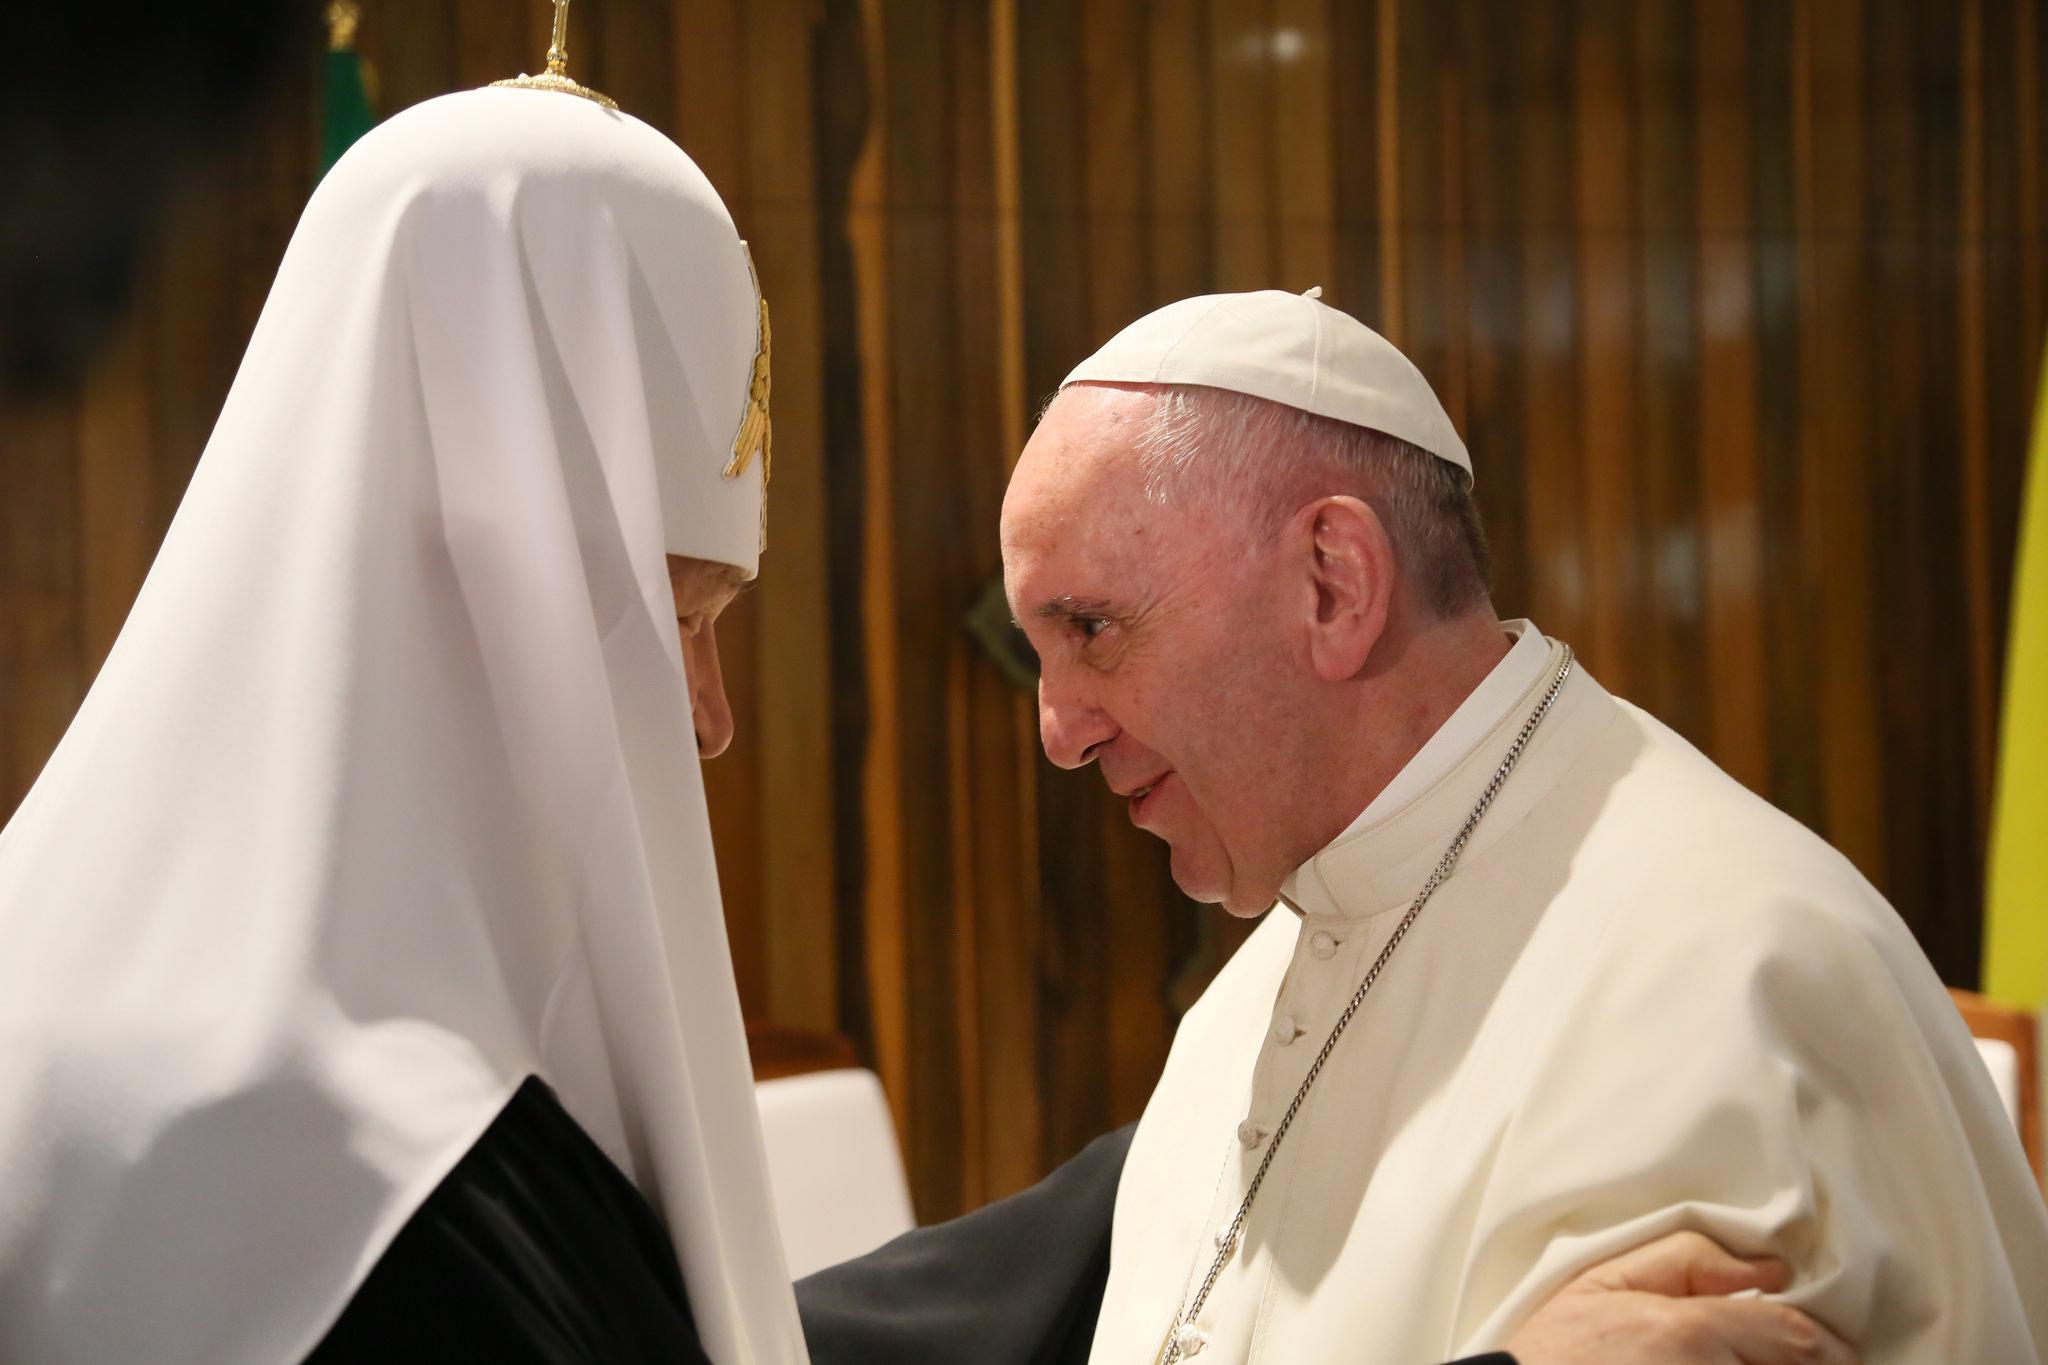 Encuentro de Su Santidad Kirill con el Papa Francisco, Sumo Pontífice de la Iglesia Católica_12/02/2016.